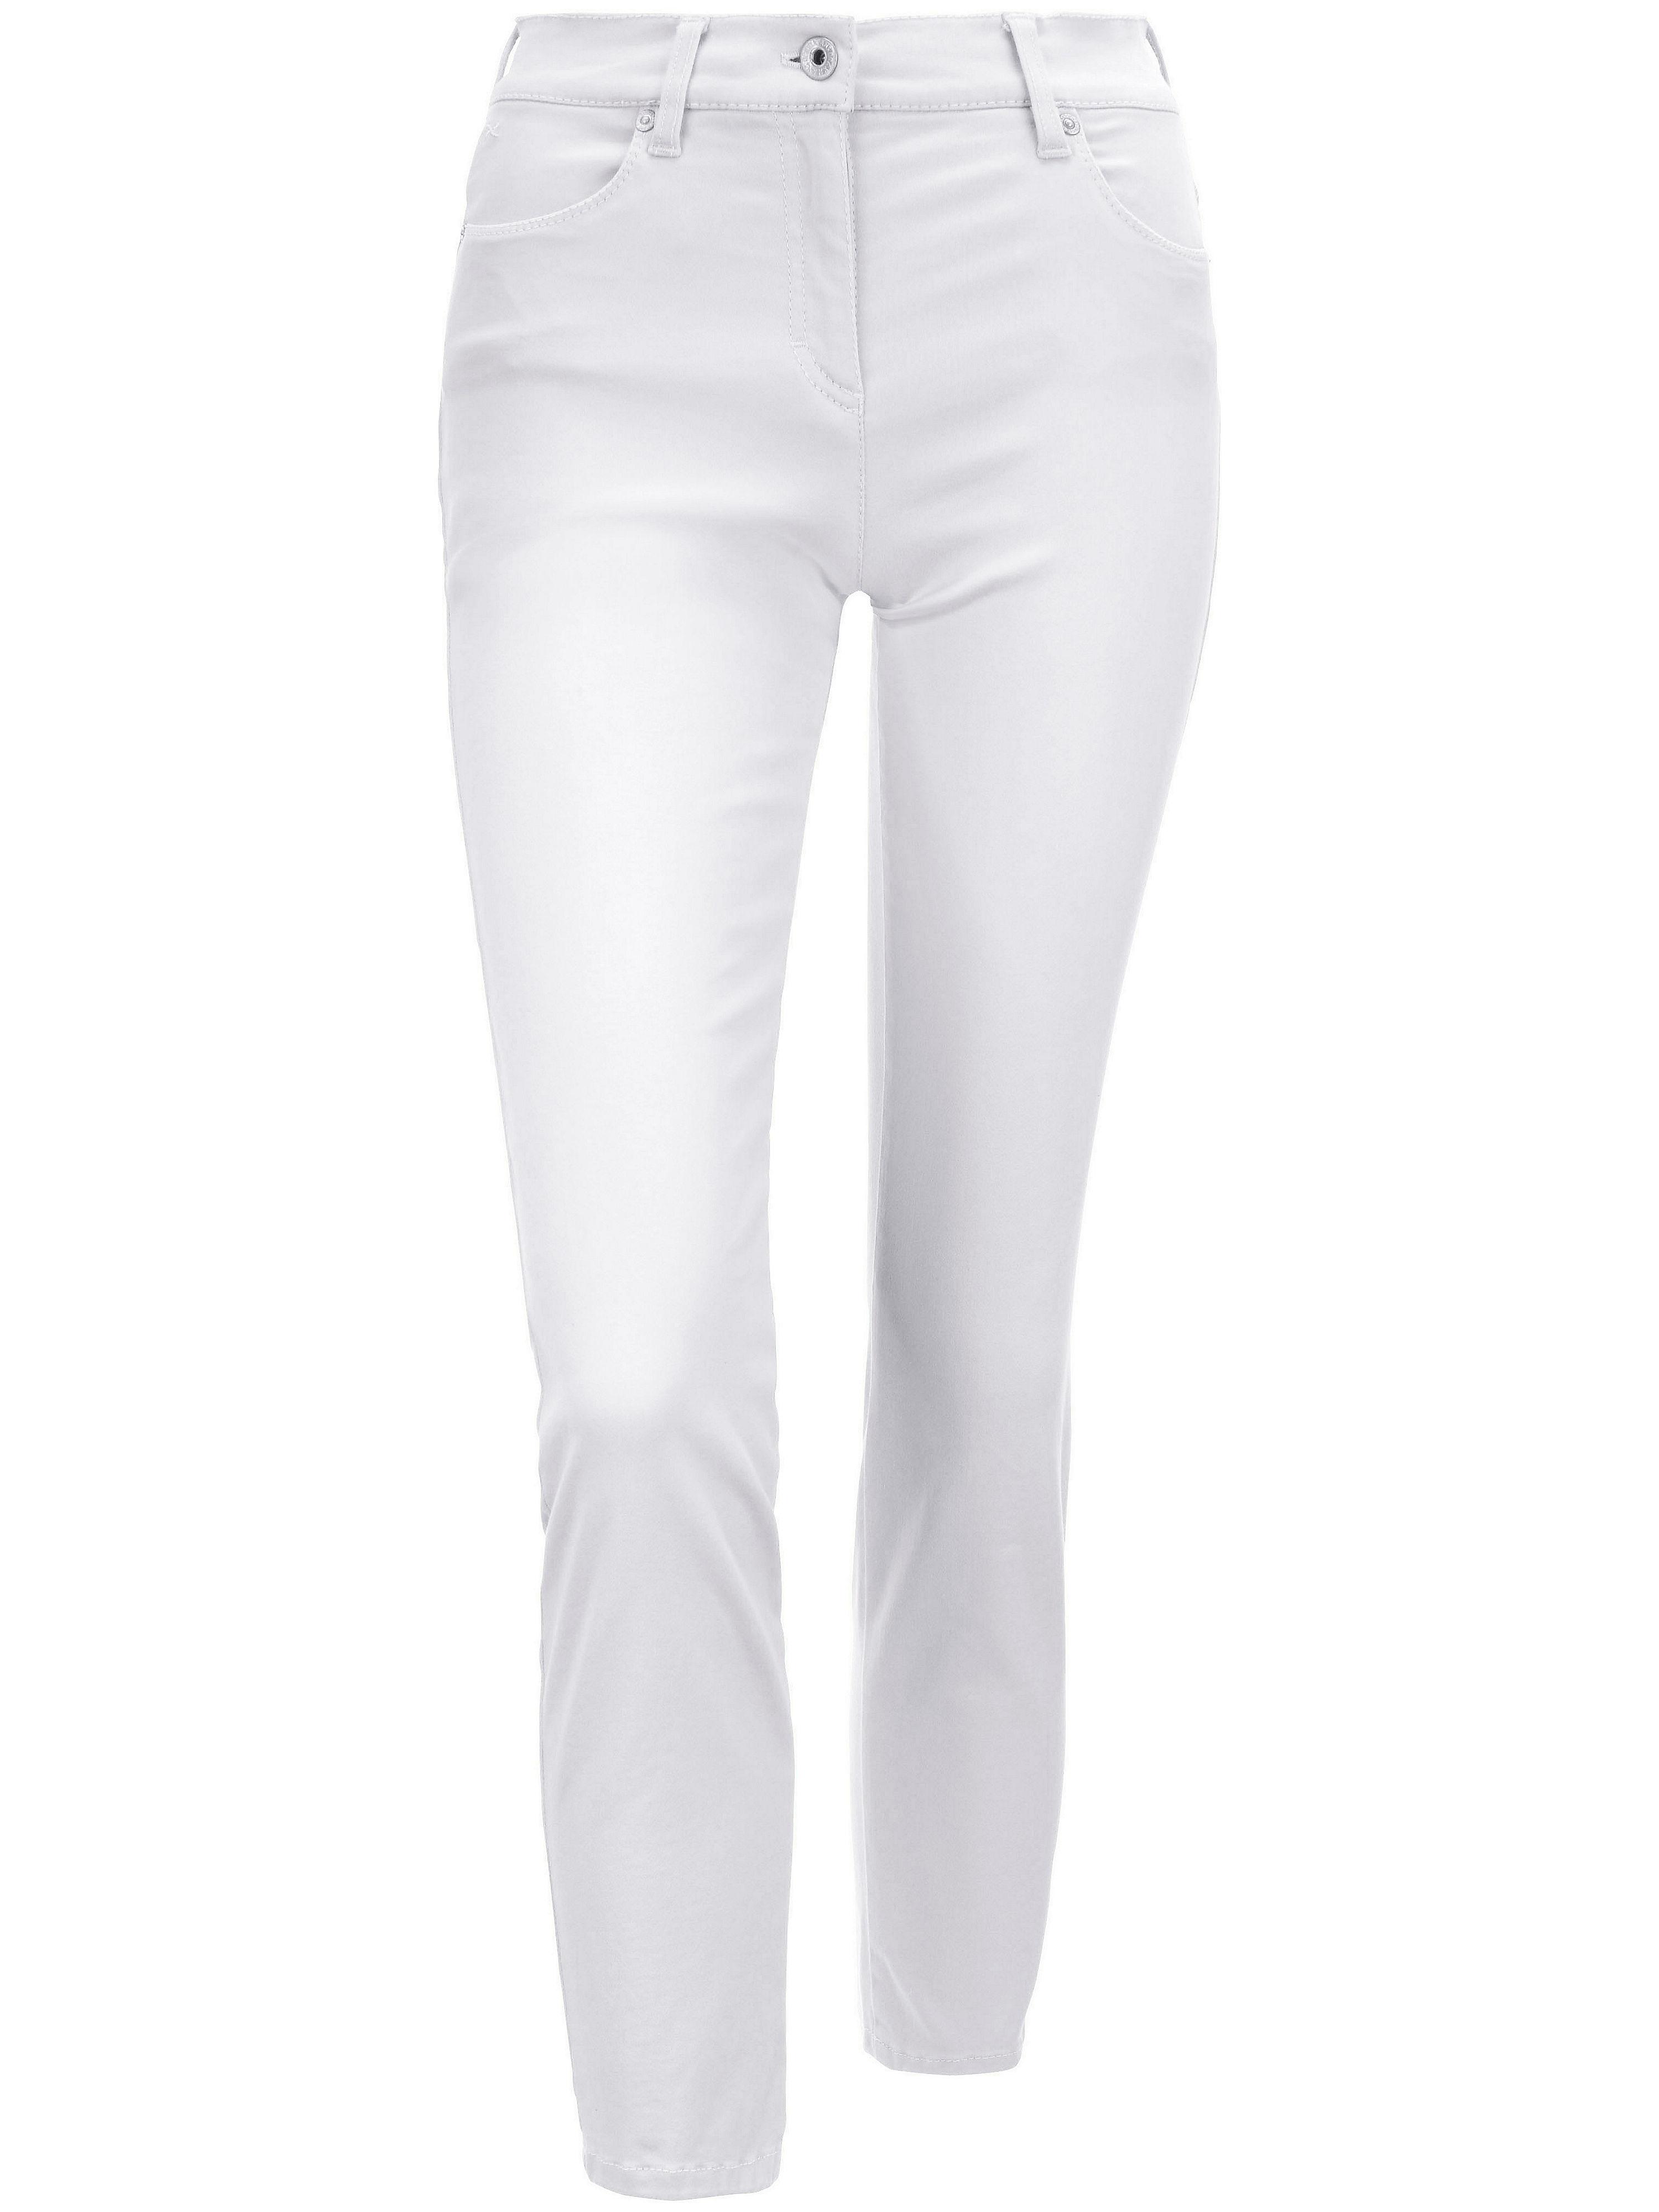 Image of   Ankellange jeans Fra Brax Feel Good hvid